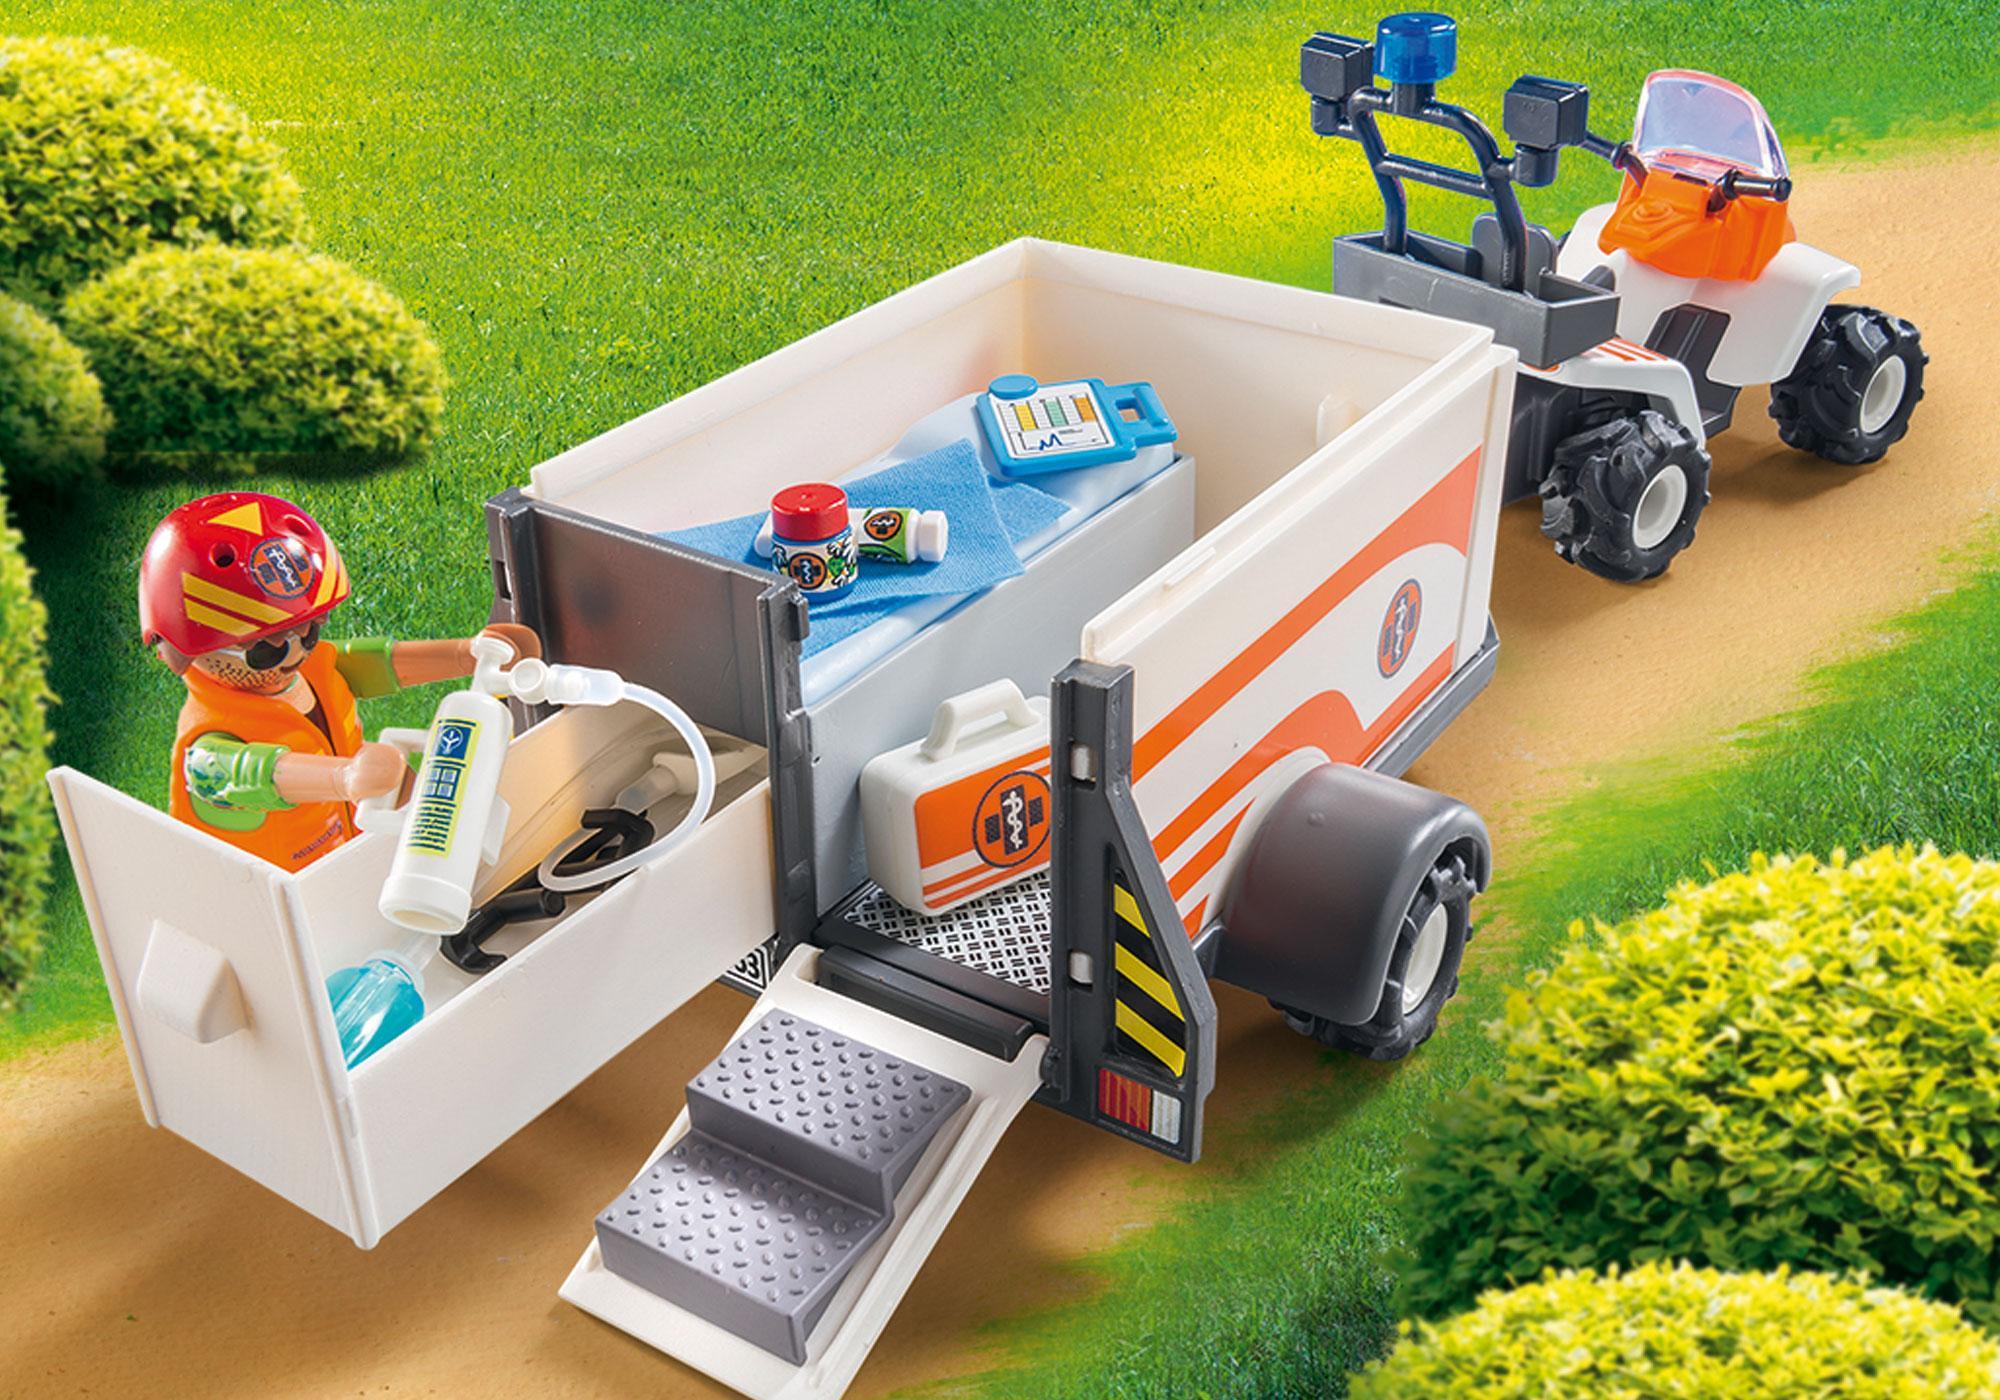 http://media.playmobil.com/i/playmobil/70053_product_extra1/Redningsfirhjulstrækker med trailer